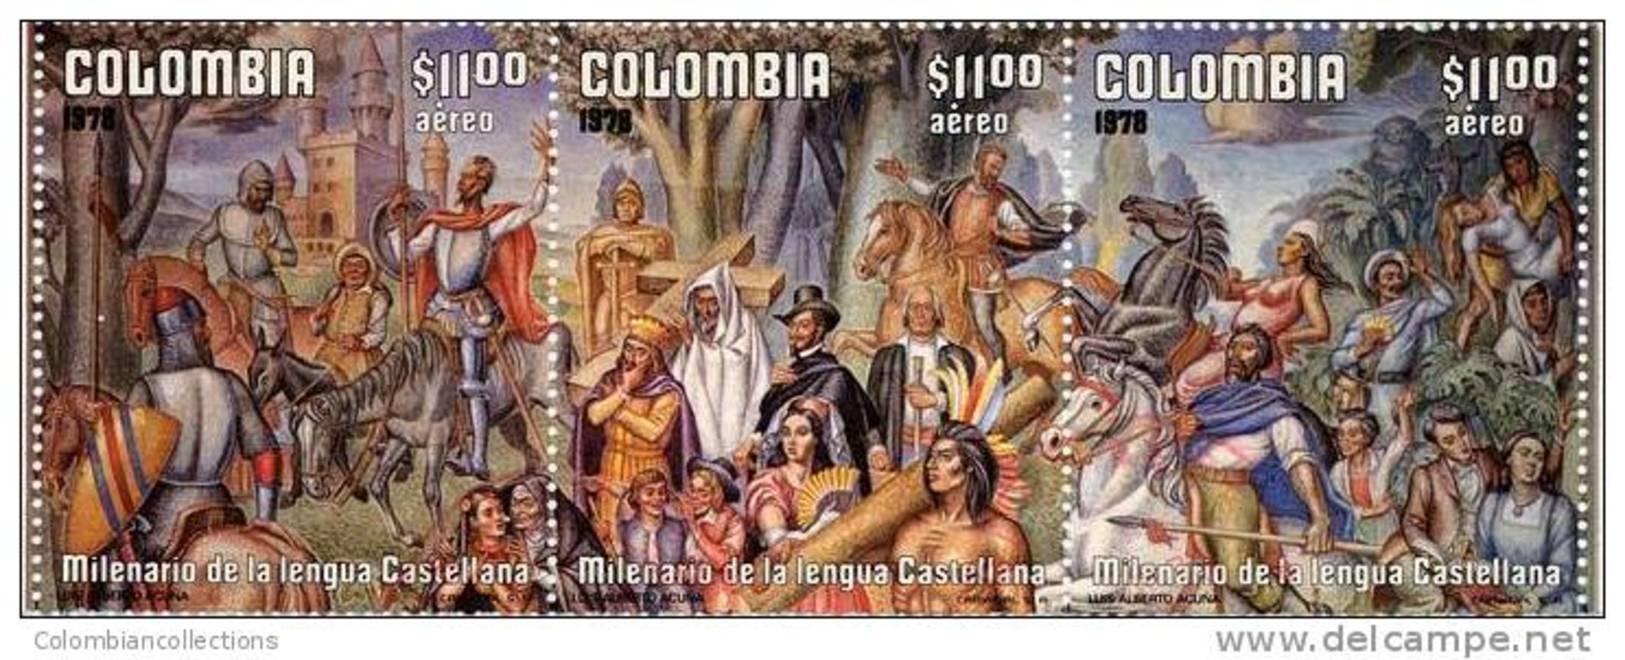 Lote 44f, Colombia, 1978, Milenario De La Lengua Castellana, El Quijote Y Sancho, El Cid, 3 Sellos - Colombie